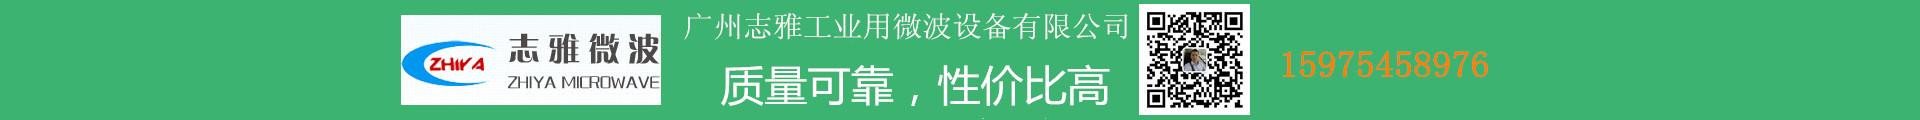 廣州志雅工業用微波設備有限公司